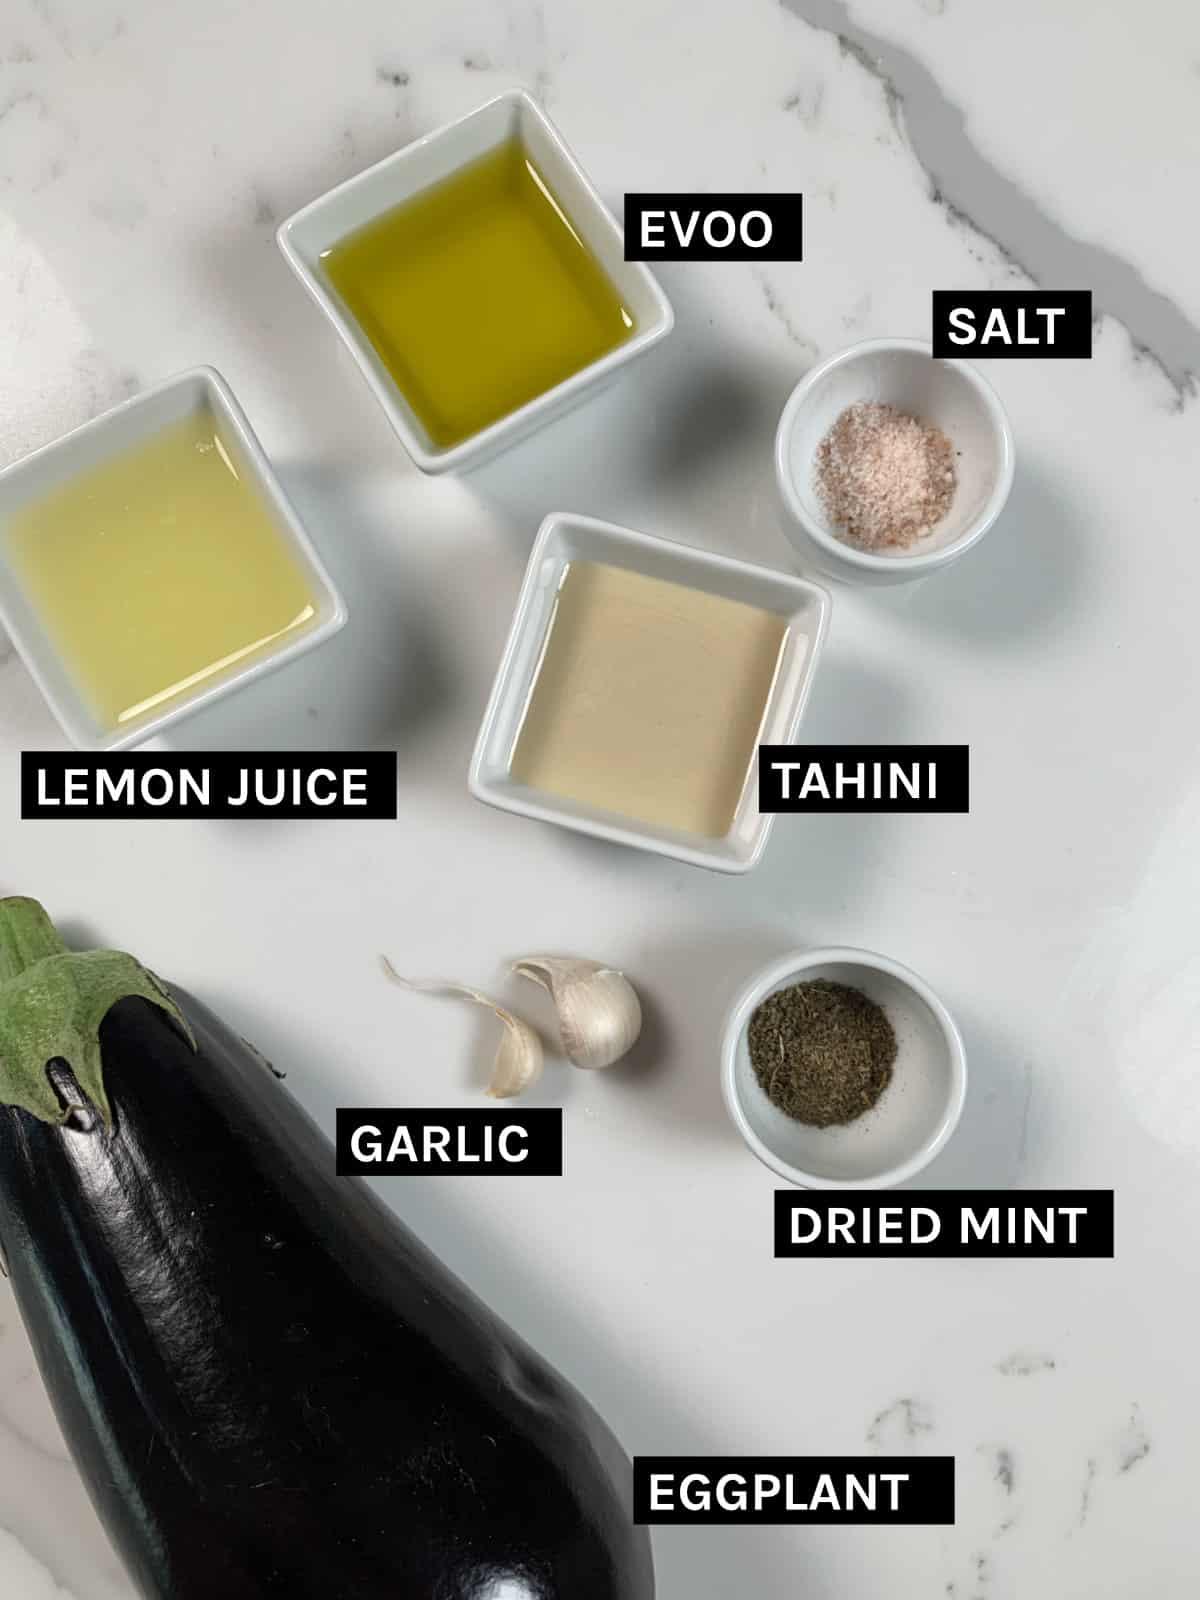 baba ghanouj ingredients